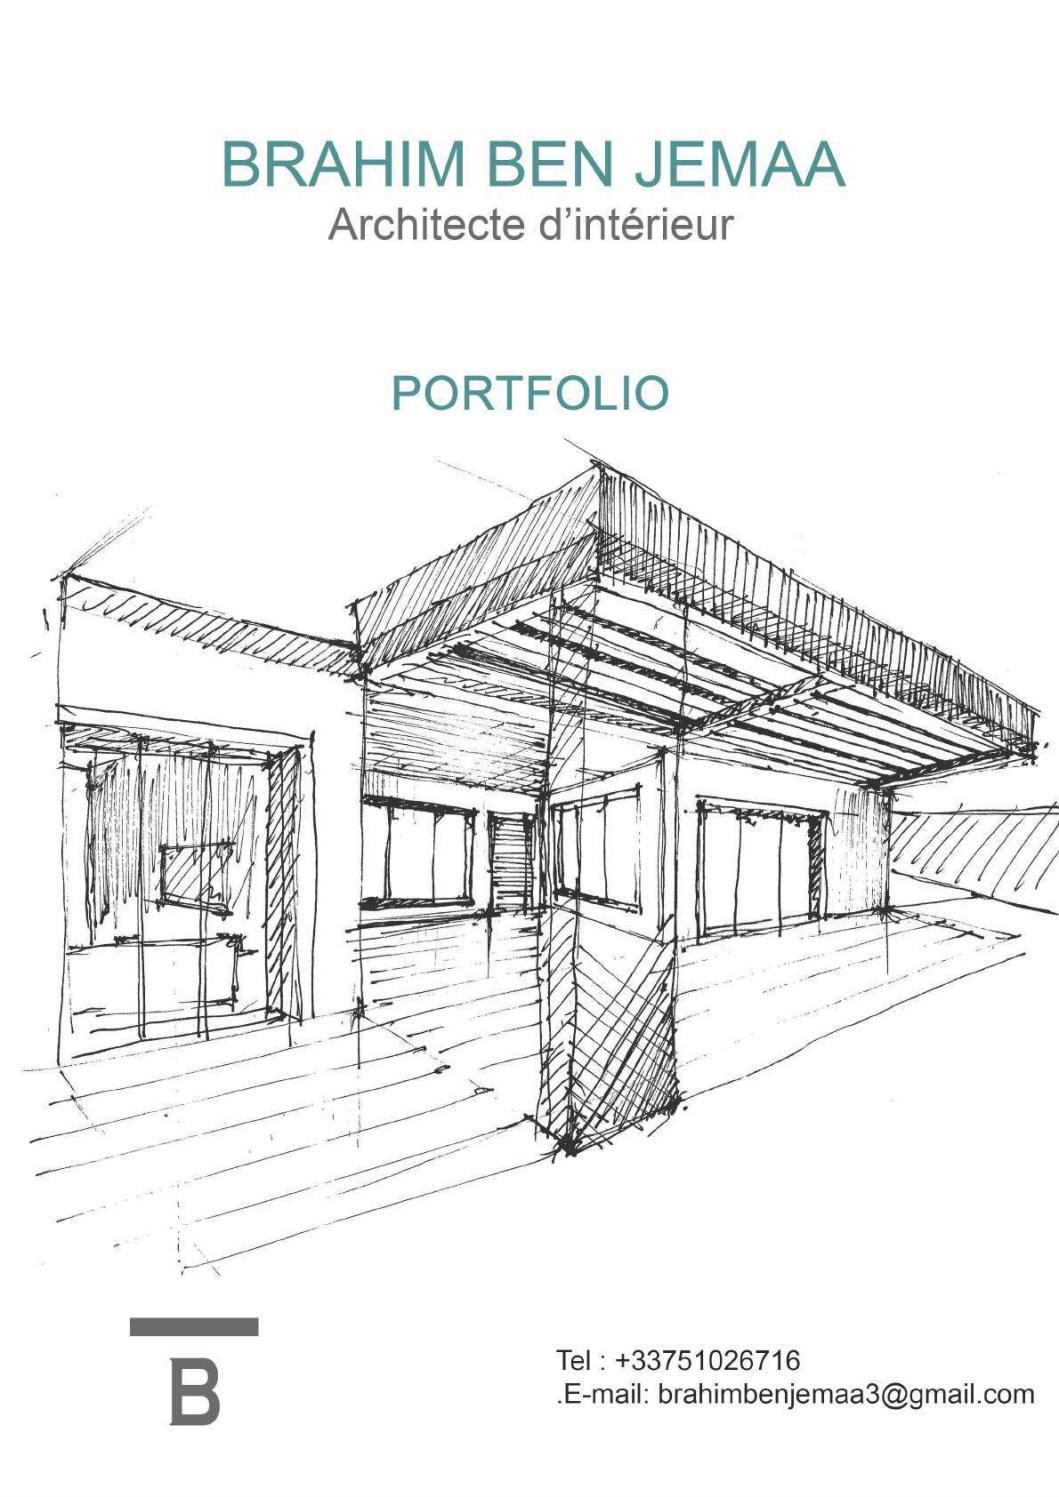 L Architecture D Intérieur book architecture d'intérieur brahim ben jemaabrahim ben